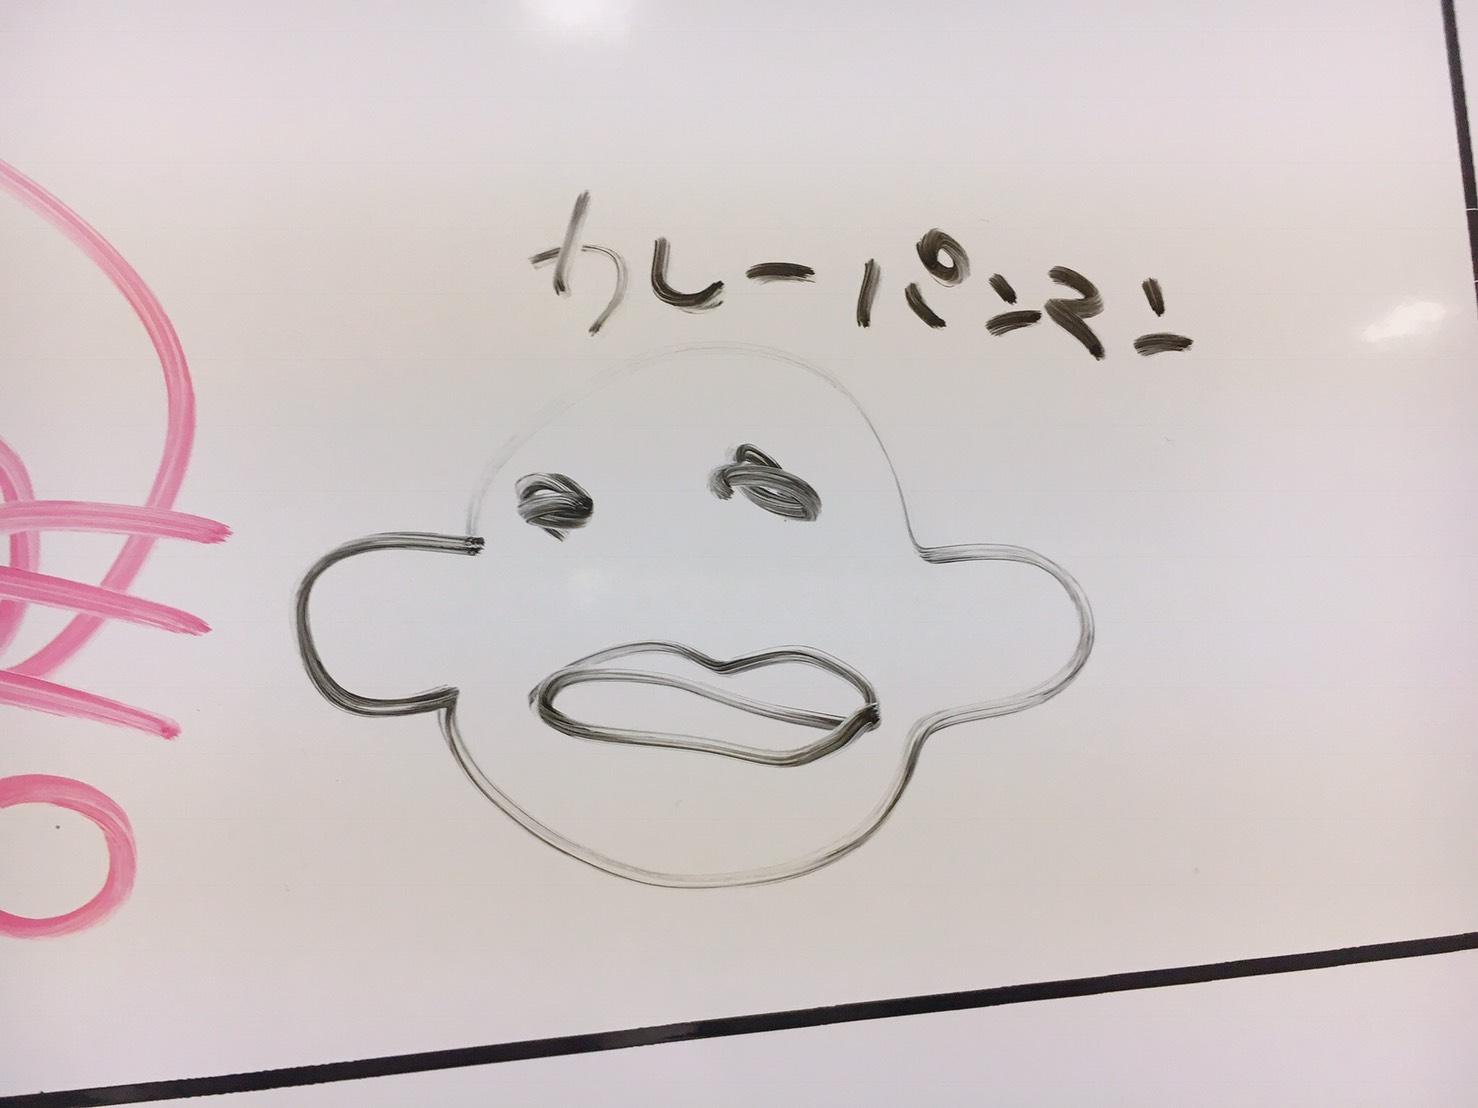 マネージャーさんが描いたカレーパンマンが一番笑った~! 見えない……笑笑